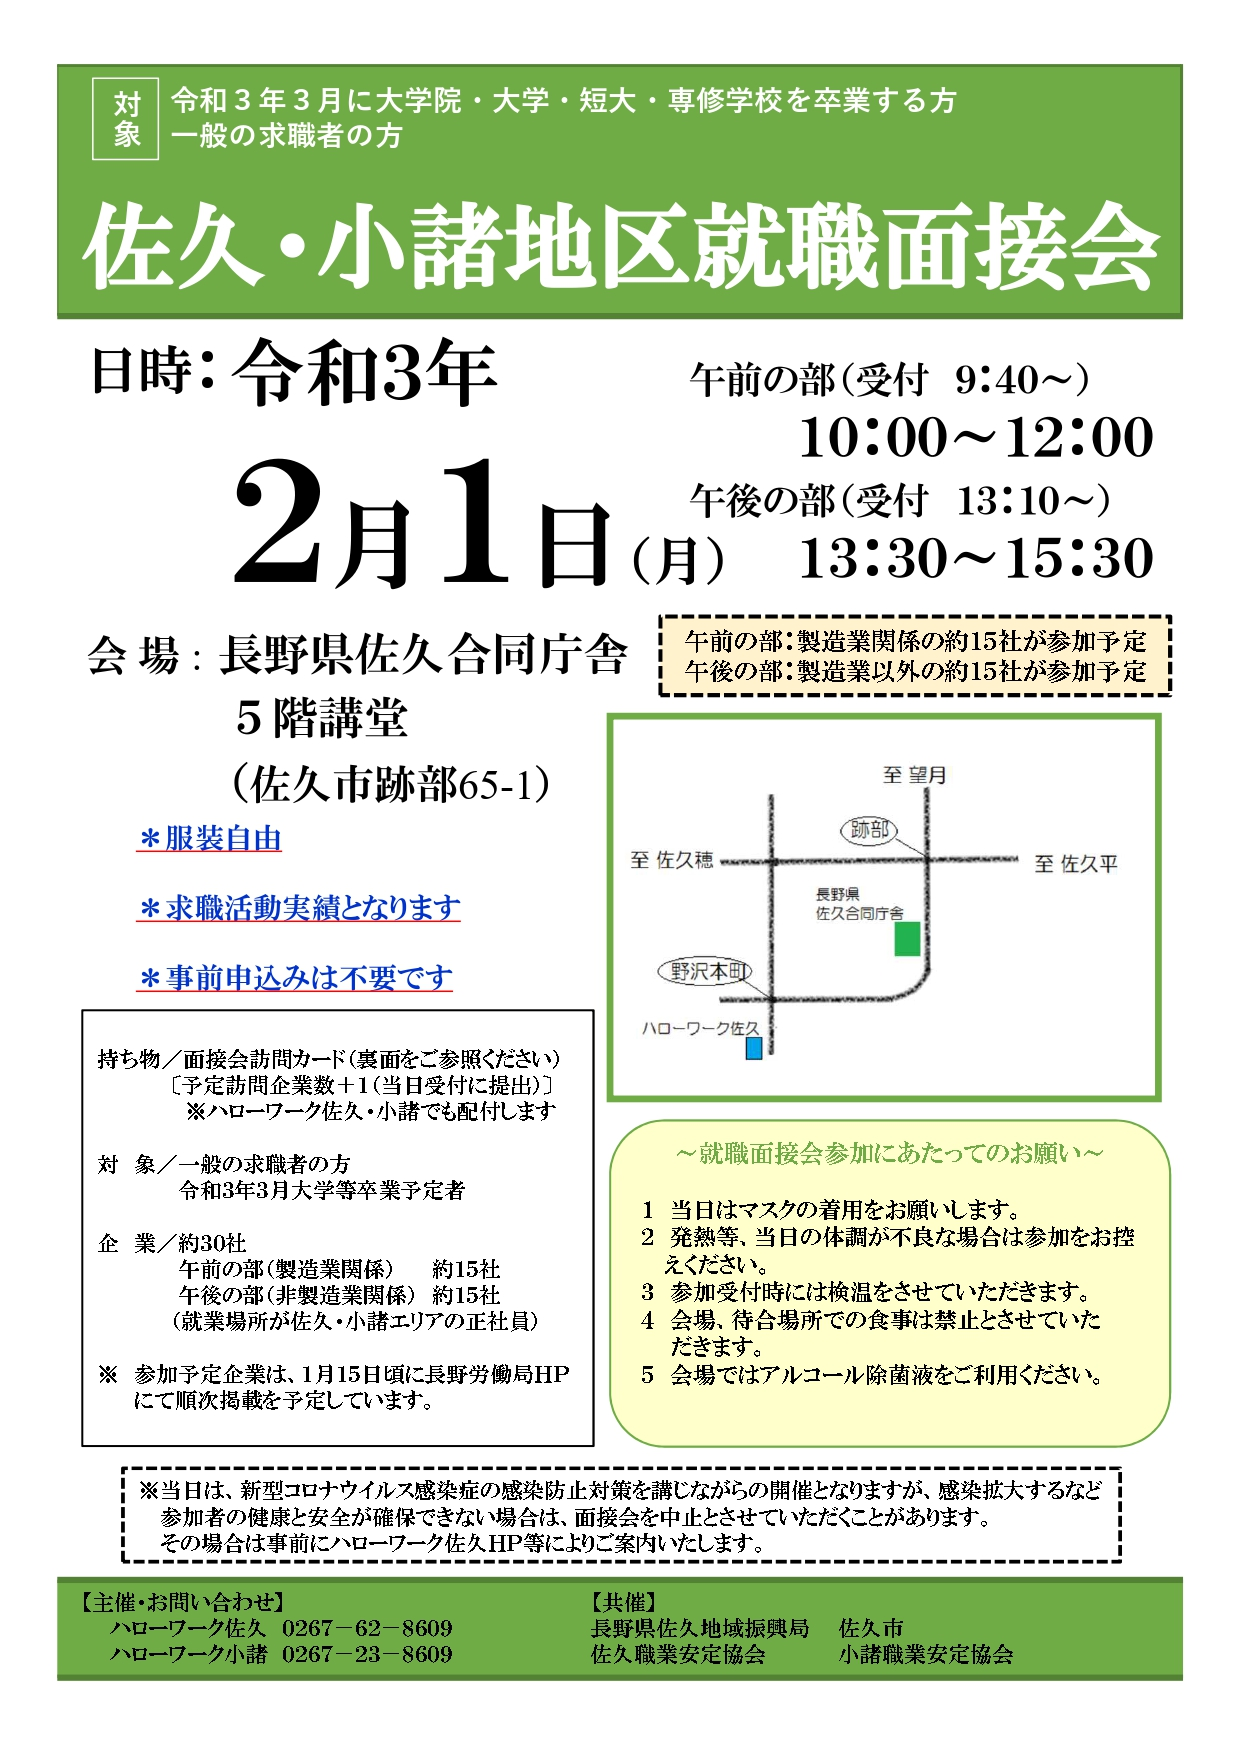 Saku komorosyuushokumensetsukai r30201saku page 0001